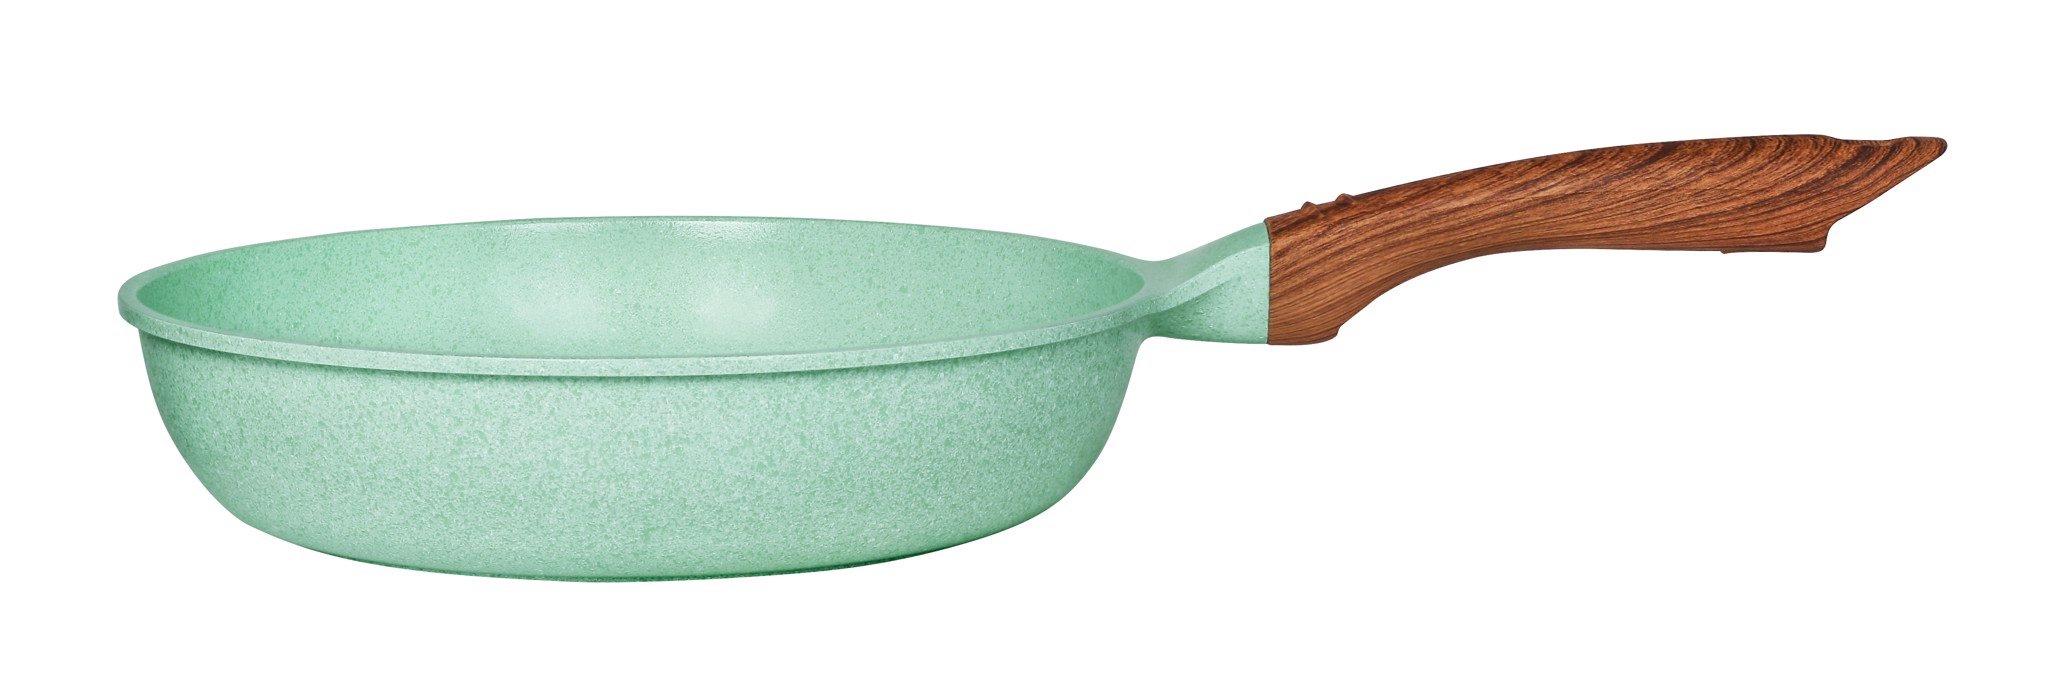 Chảo đúc đáy từ chống dính men đá ceramic xanh ngọc Green Cook GCP06 size 20-24-26-28 cm